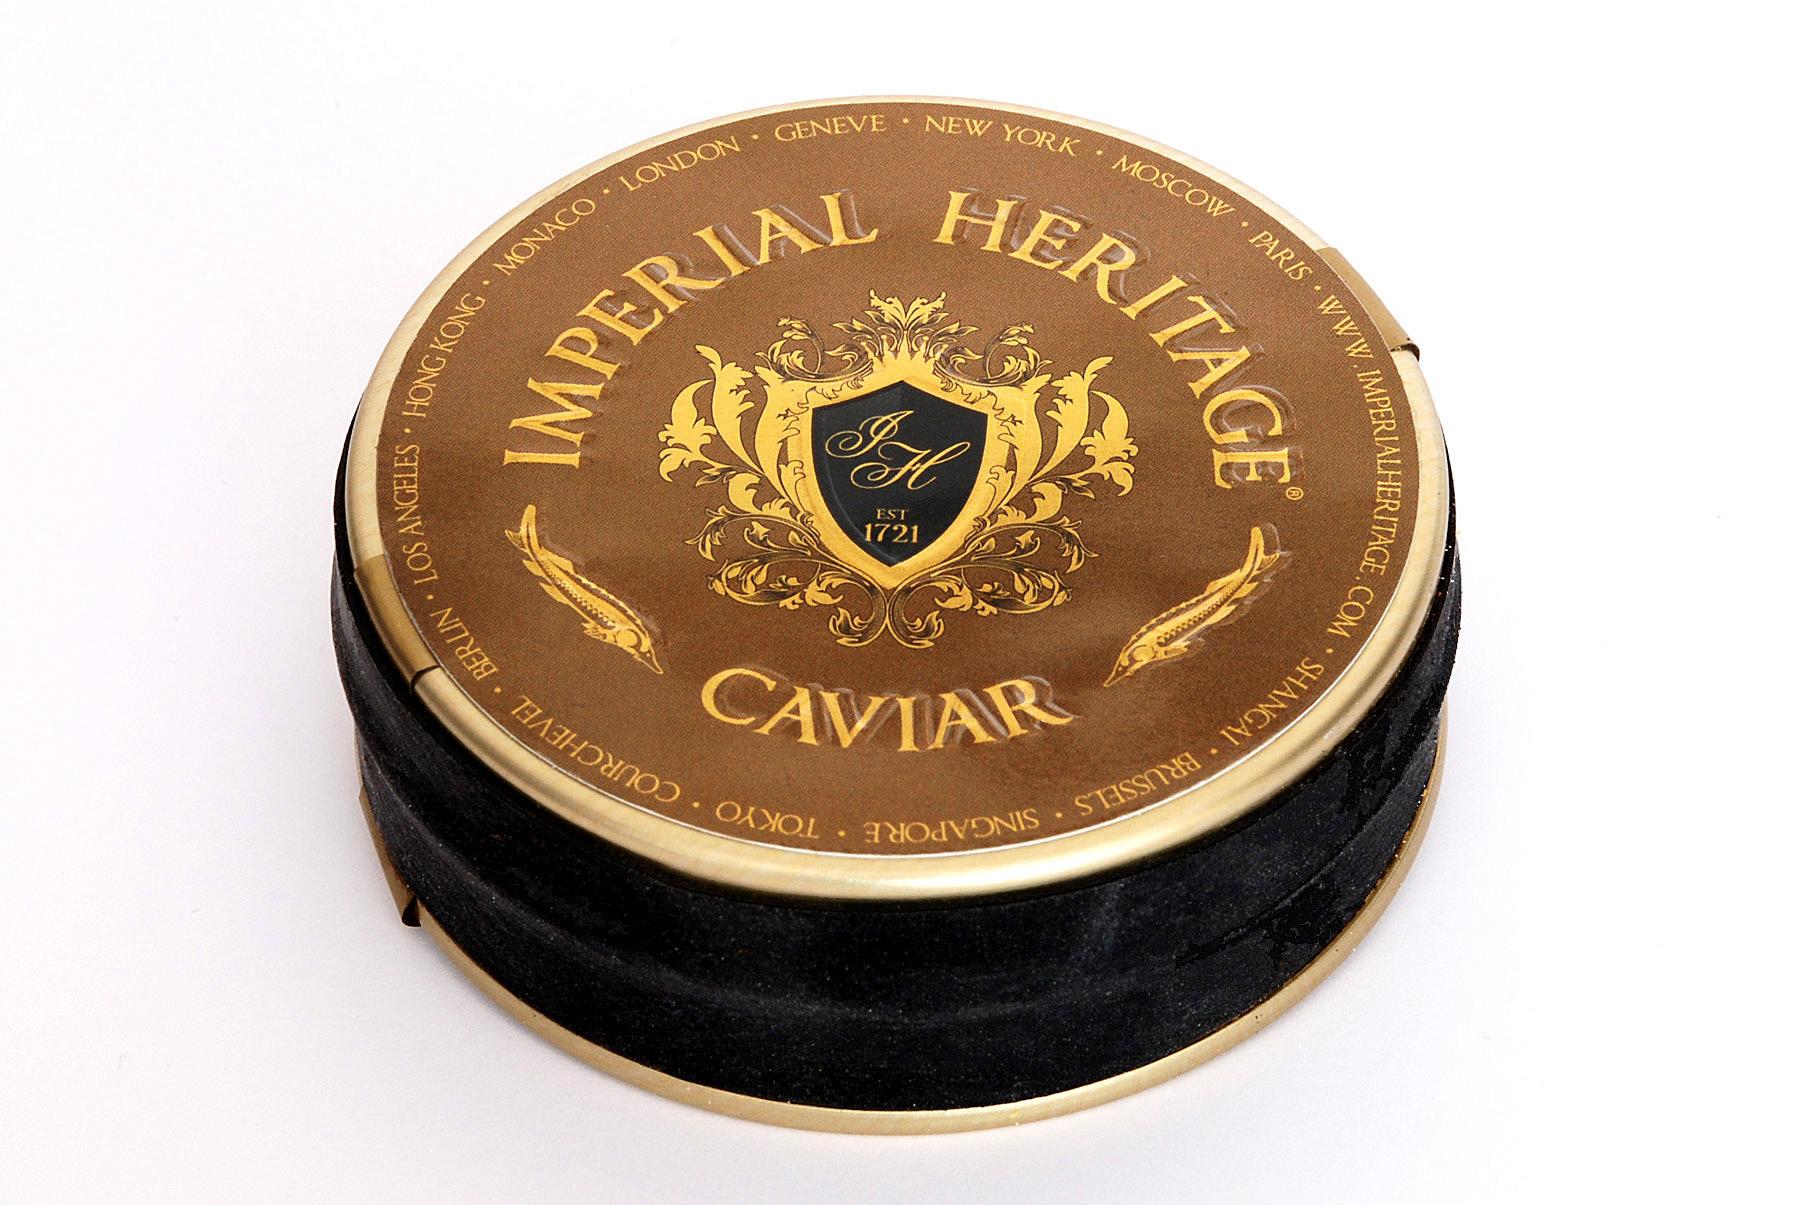 """Imperial Heritage Caviar Beluga Italië """"Royal"""" (Goud label)"""